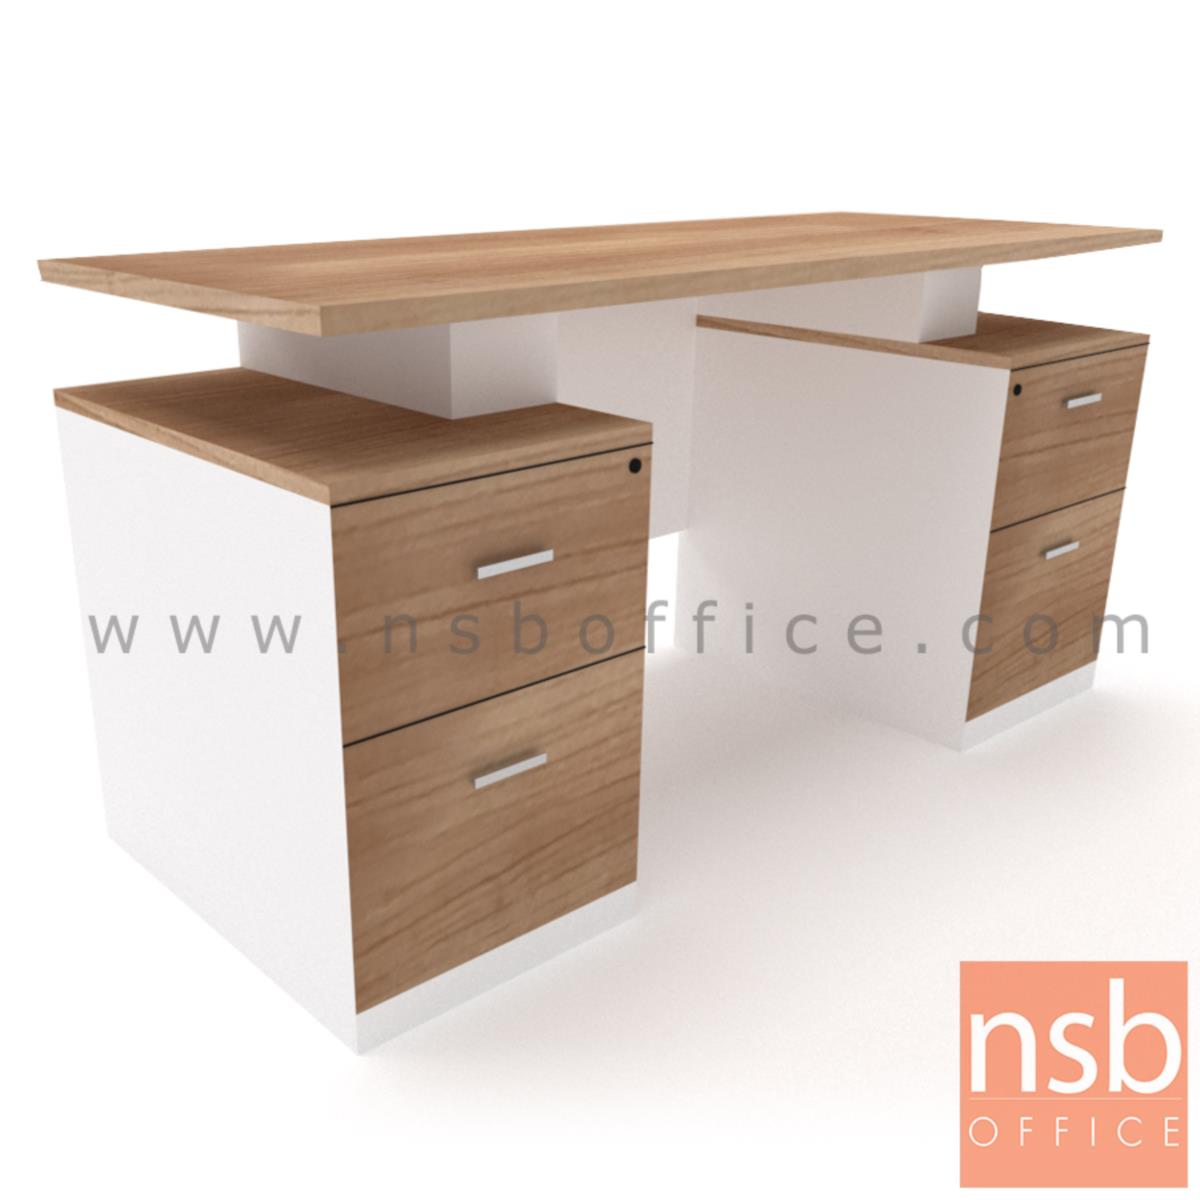 A12A062:โต๊ะทำงาน 4 ลิ้นชัก รุ่น Nixon (นิกซัน) ขนาด 150W ,180W cm.  เมลามีน